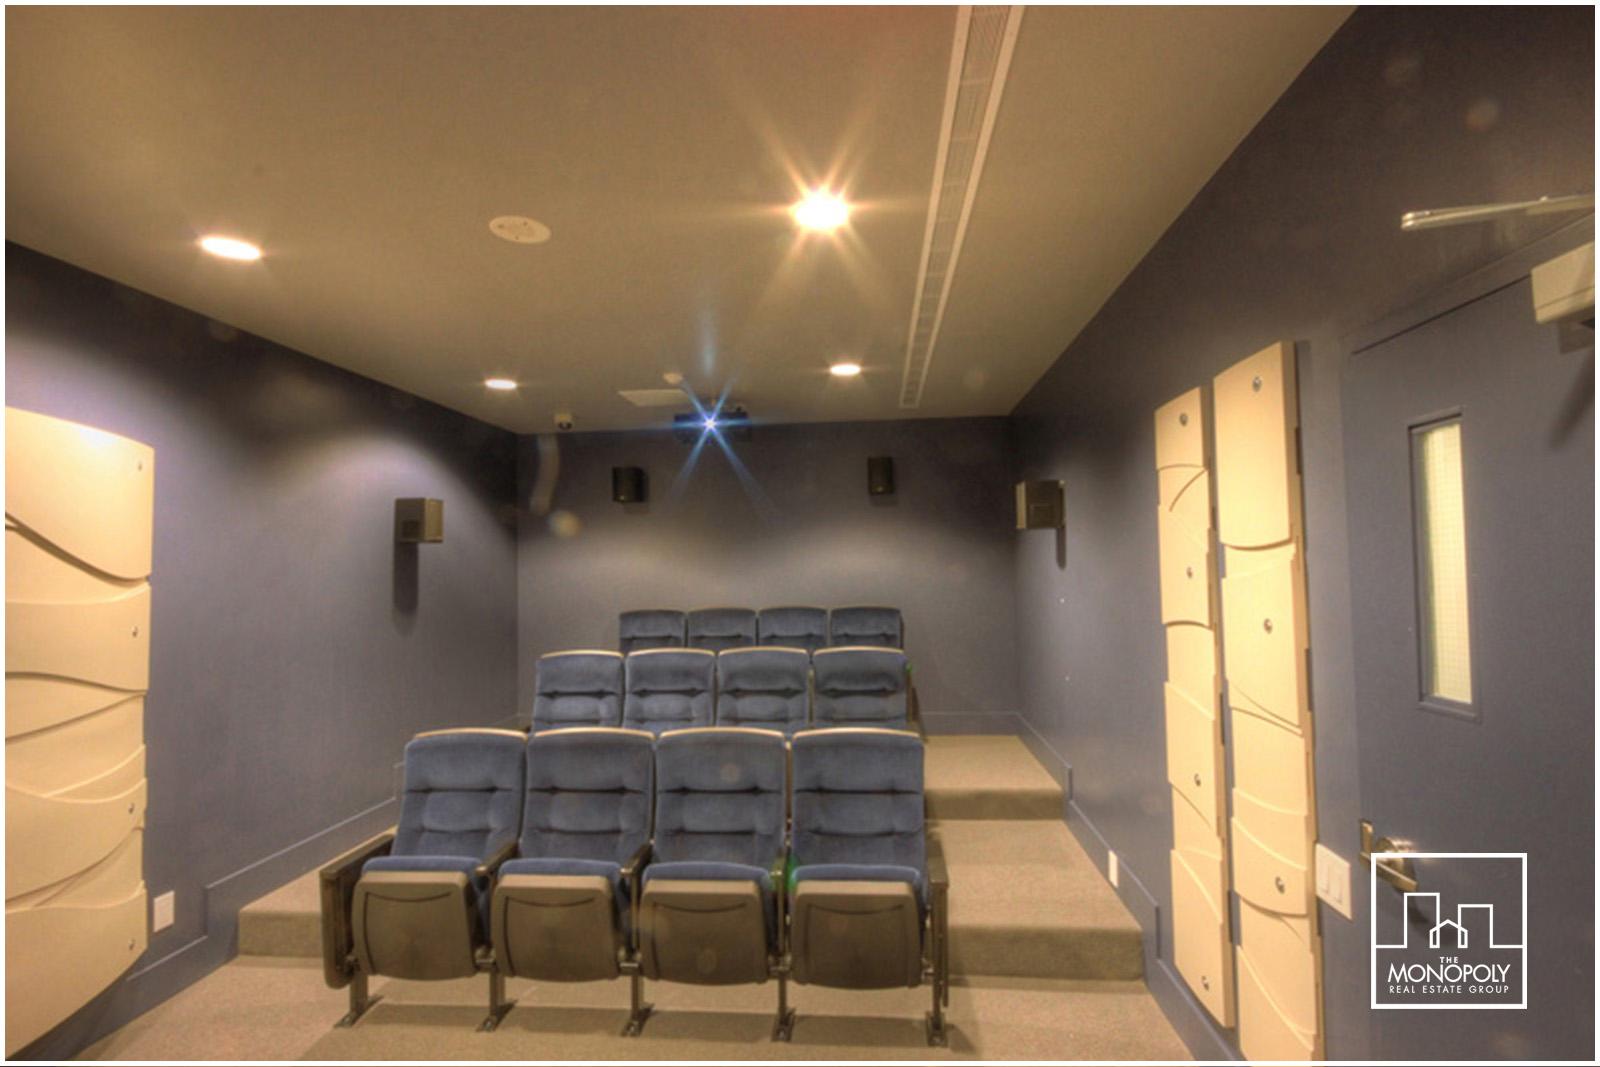 18 - Movie Theatre.jpg